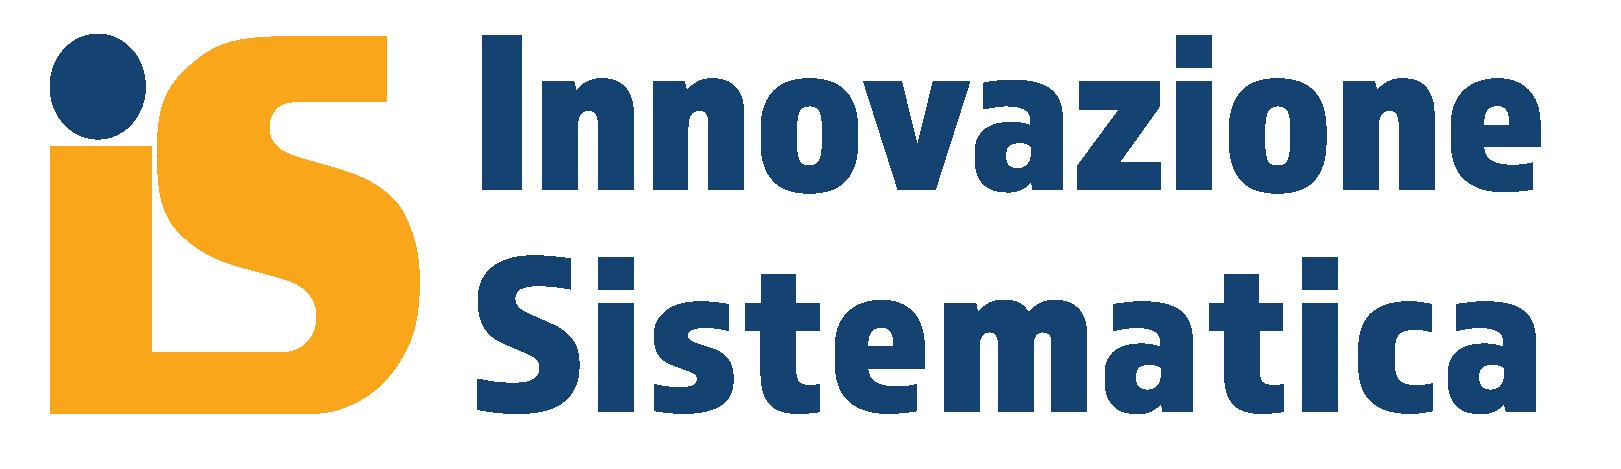 Innovazione sistematica